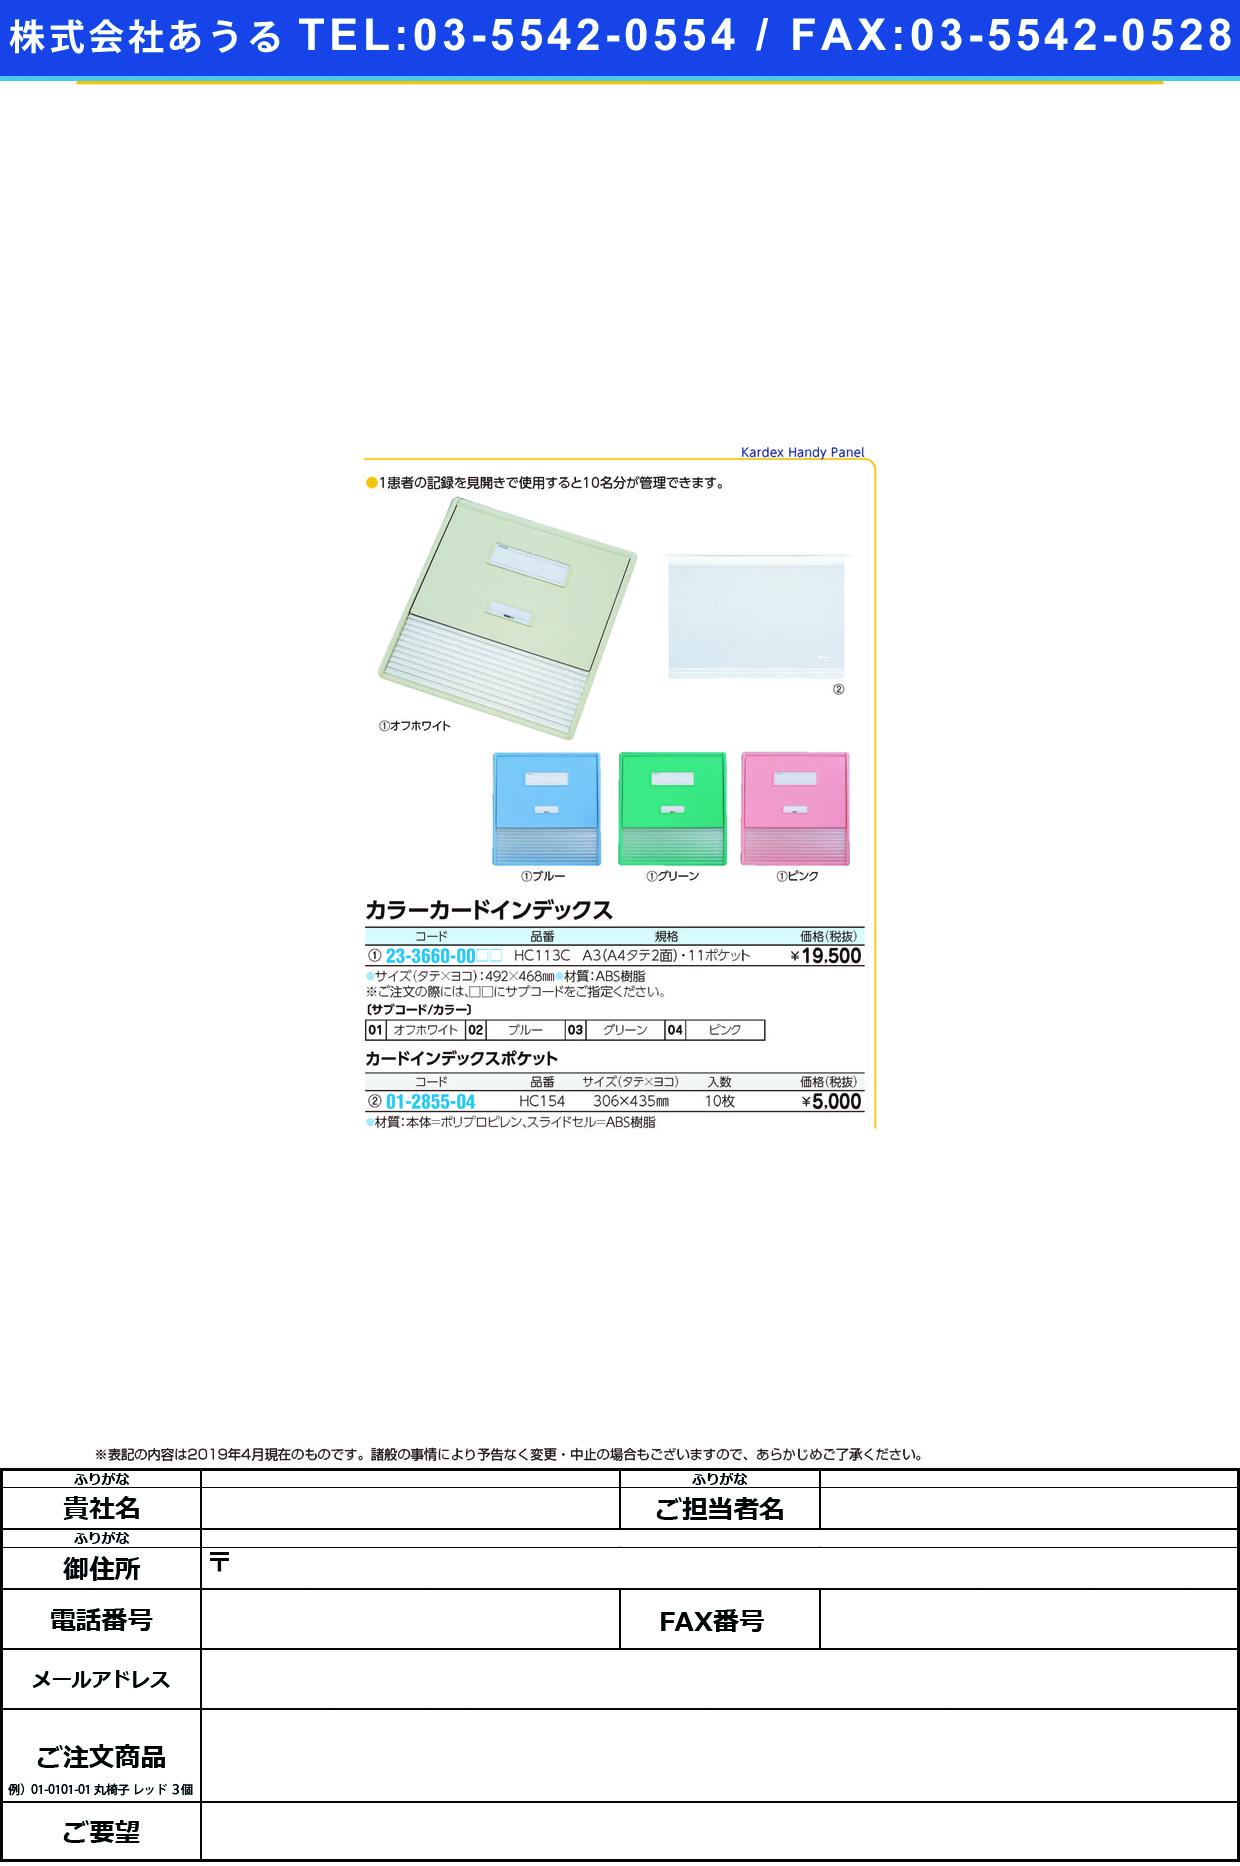 (01-2855-04)カードインデックスポケット(A3) HC154(10マイイリ) カードインデックスポケット(LIHITLAB.)【1袋単位】【2019年カタログ商品】